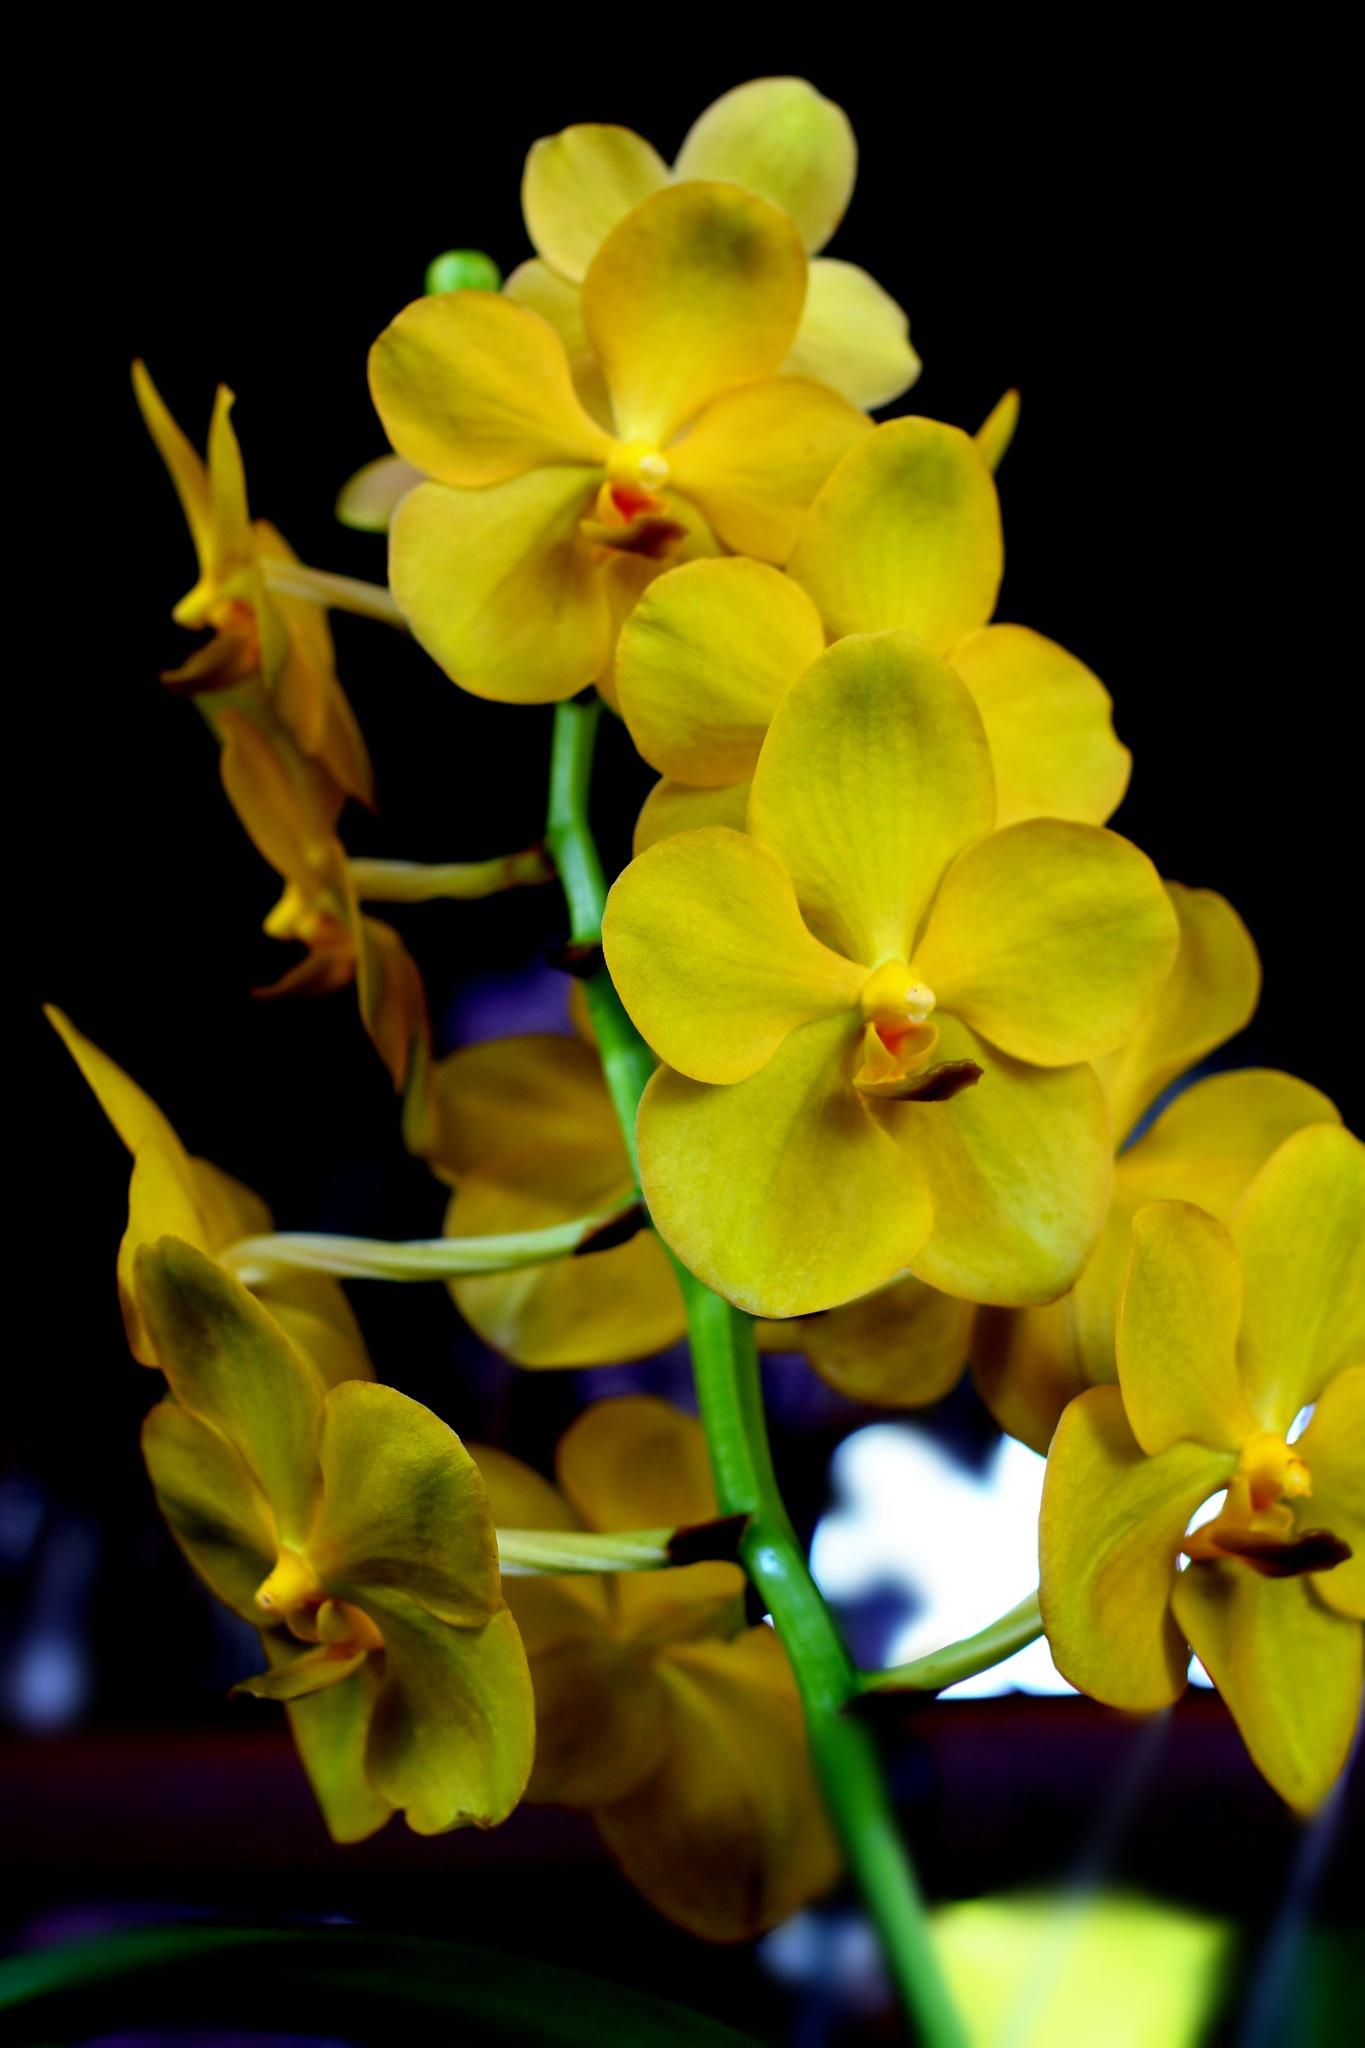 Yellow Vanda by Nestor